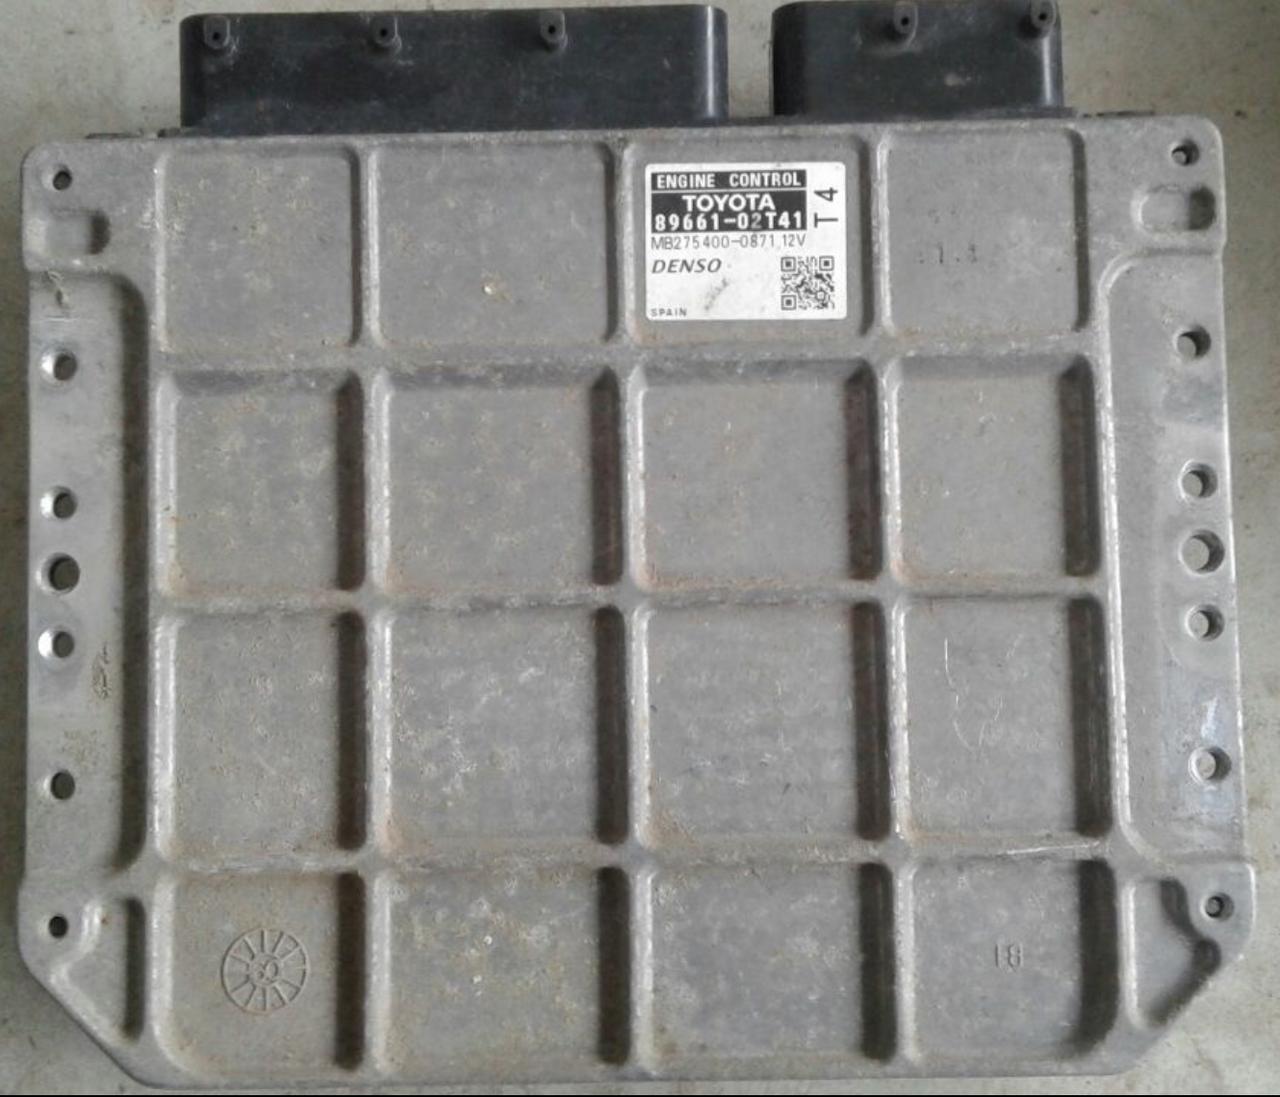 Toyota Auris, 89661-02T41, MB275400-0871 12V, T4